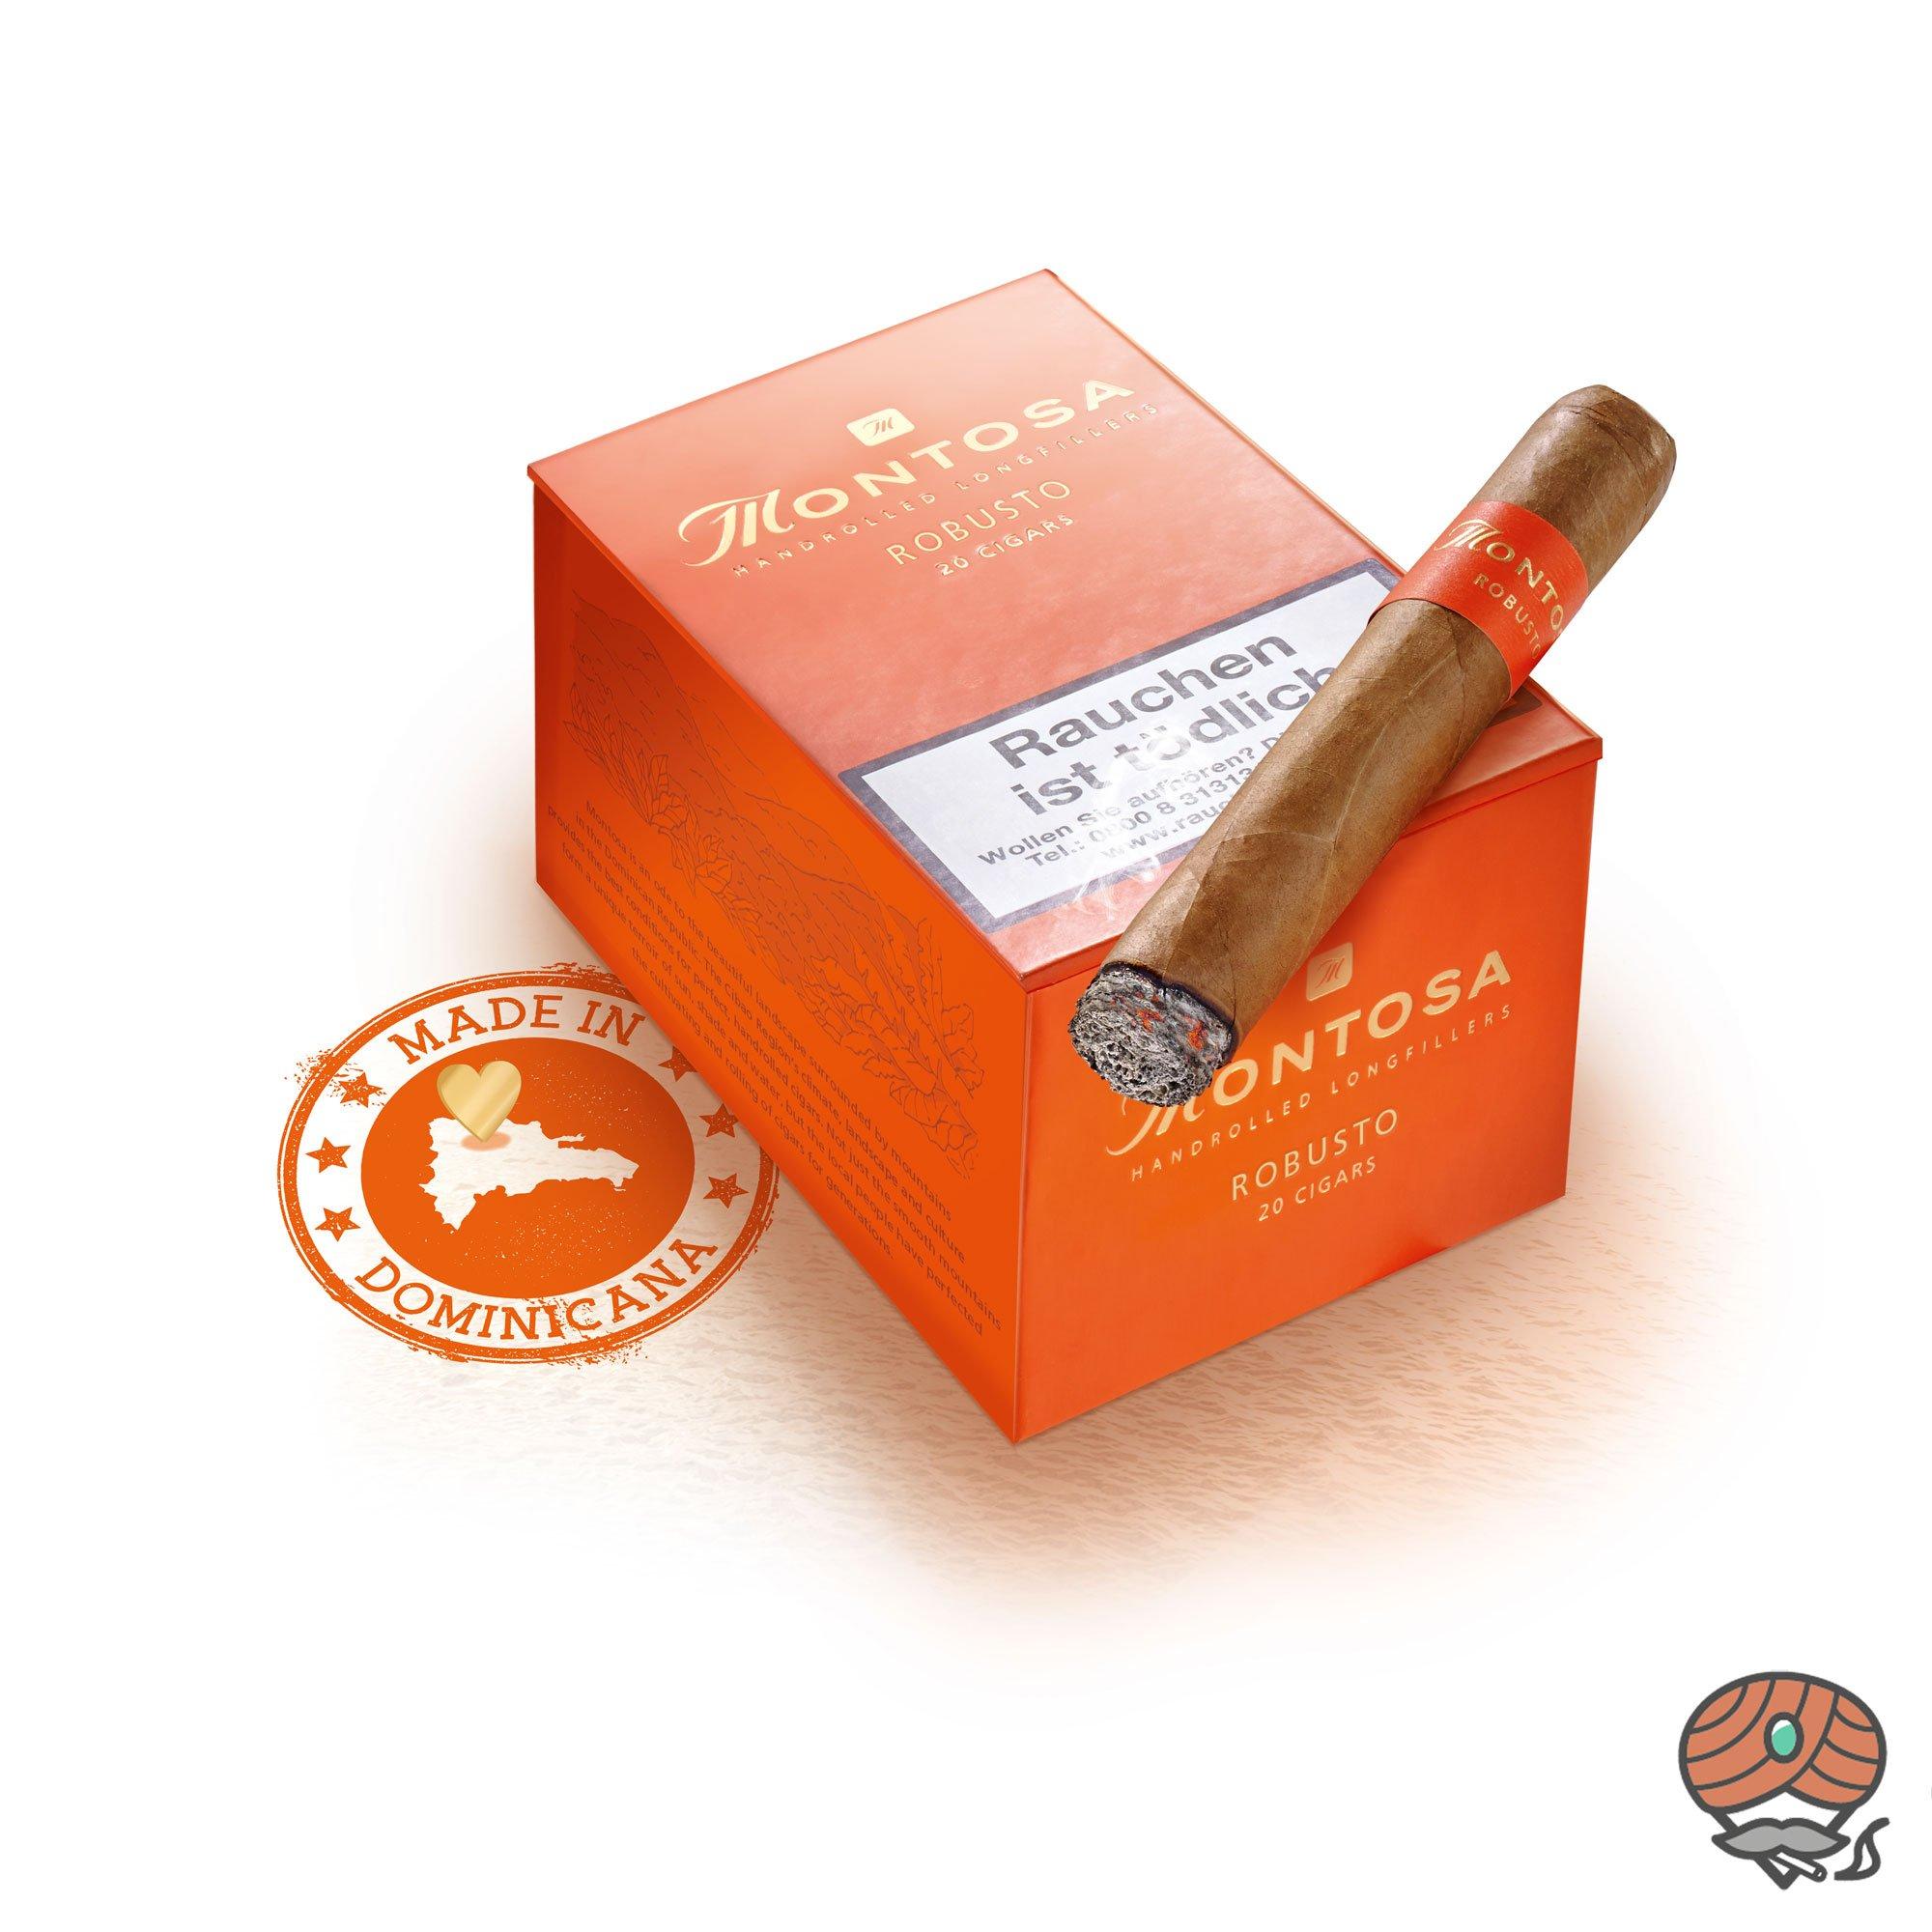 Montosa Toro Zigarren 20 Stück, Dominikanische Republik